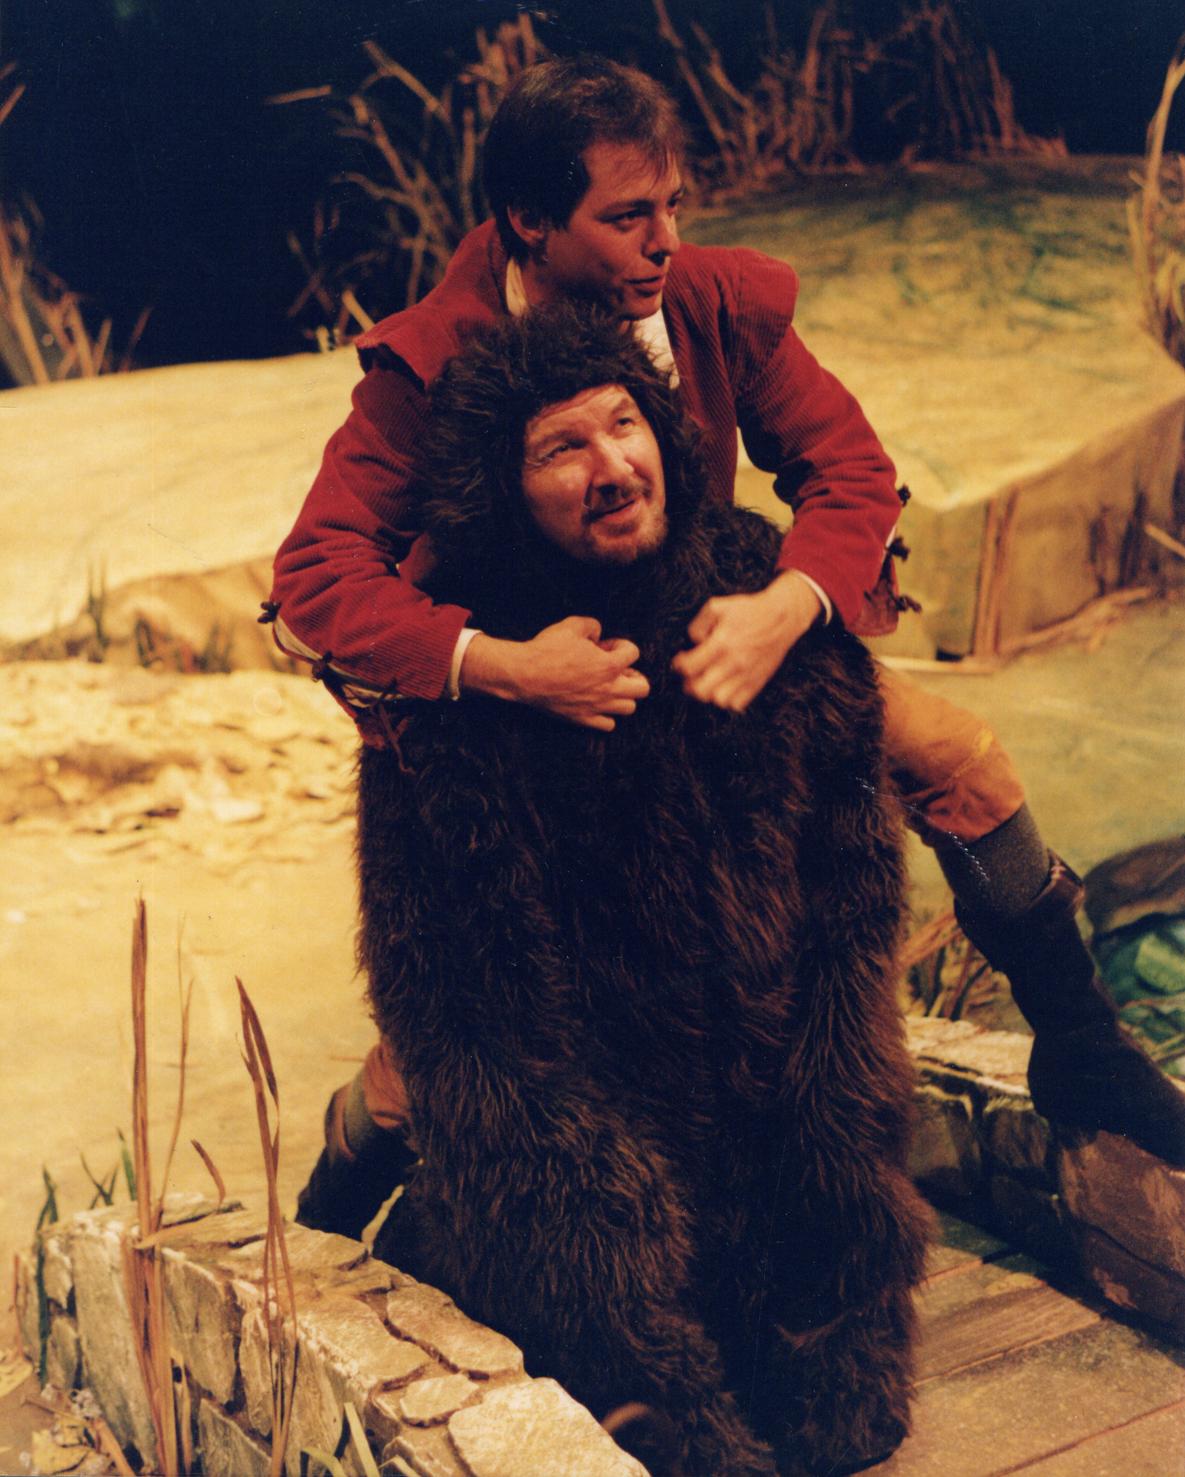 Shakespeare_s Dog (September 1989) Production Image .jpg